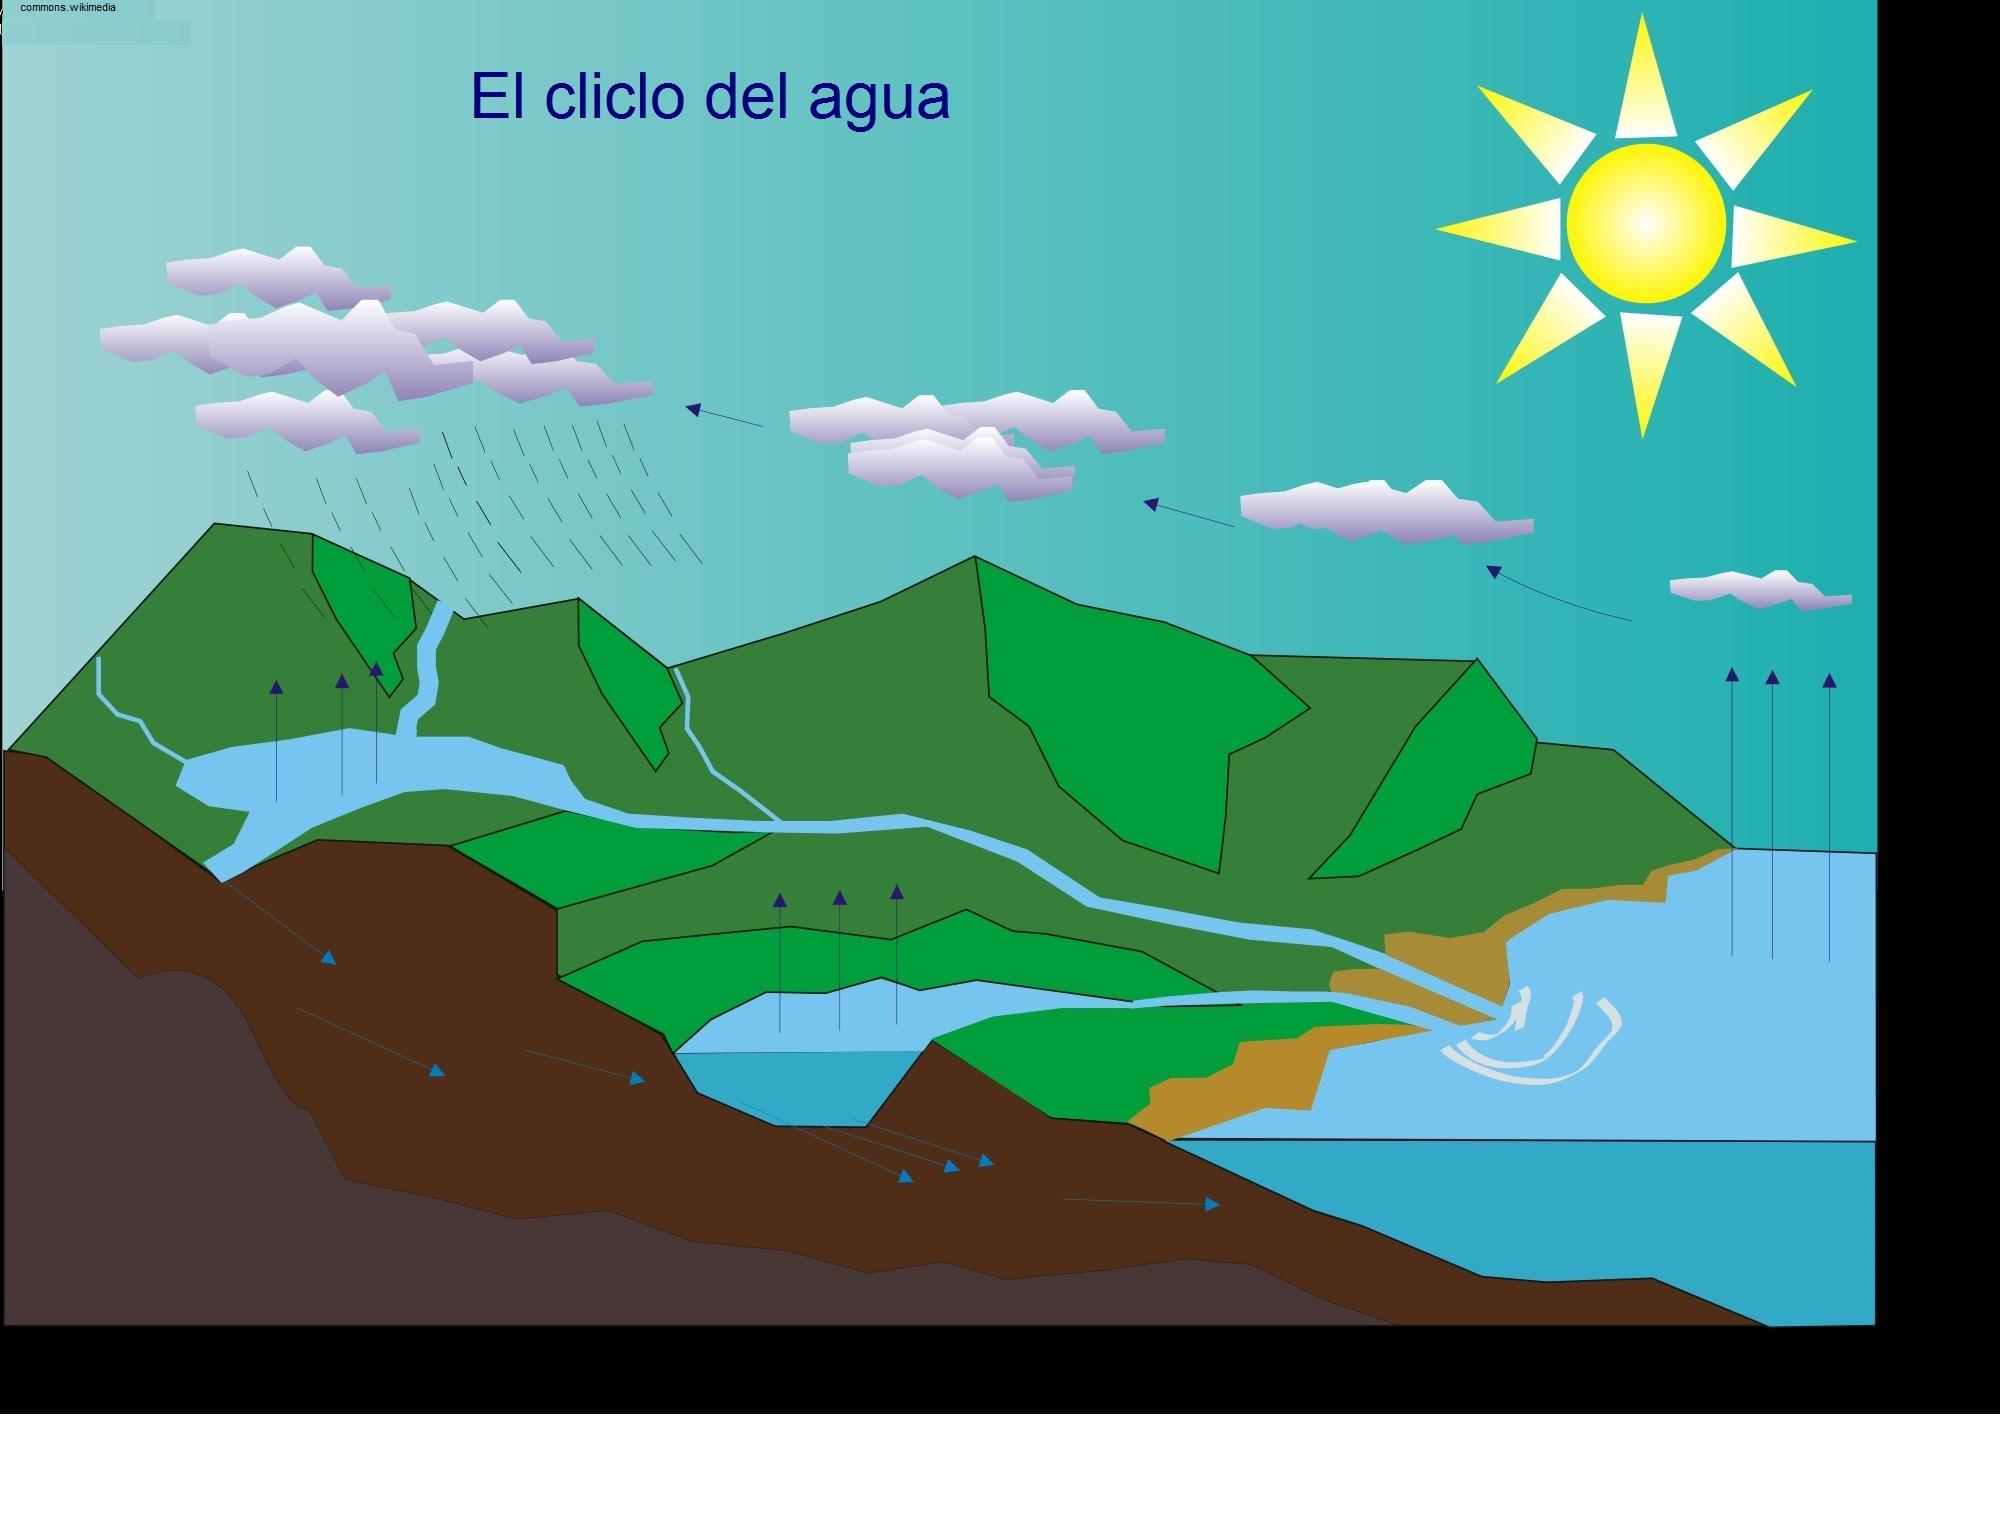 ciclo del agua - Currículum en línea. MINEDUC. Gobierno de Chile.